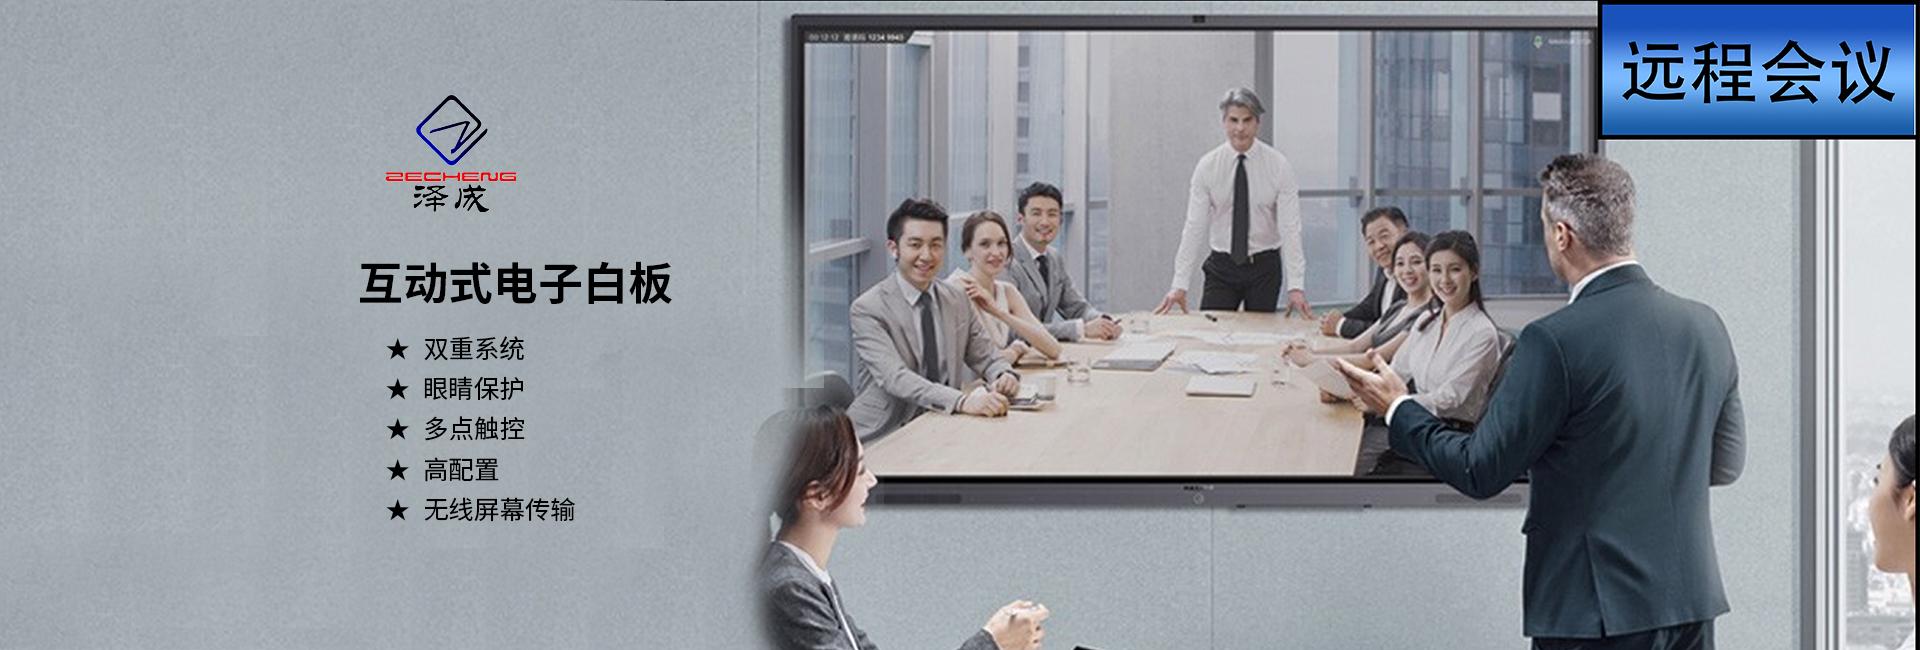 智能会议一体机